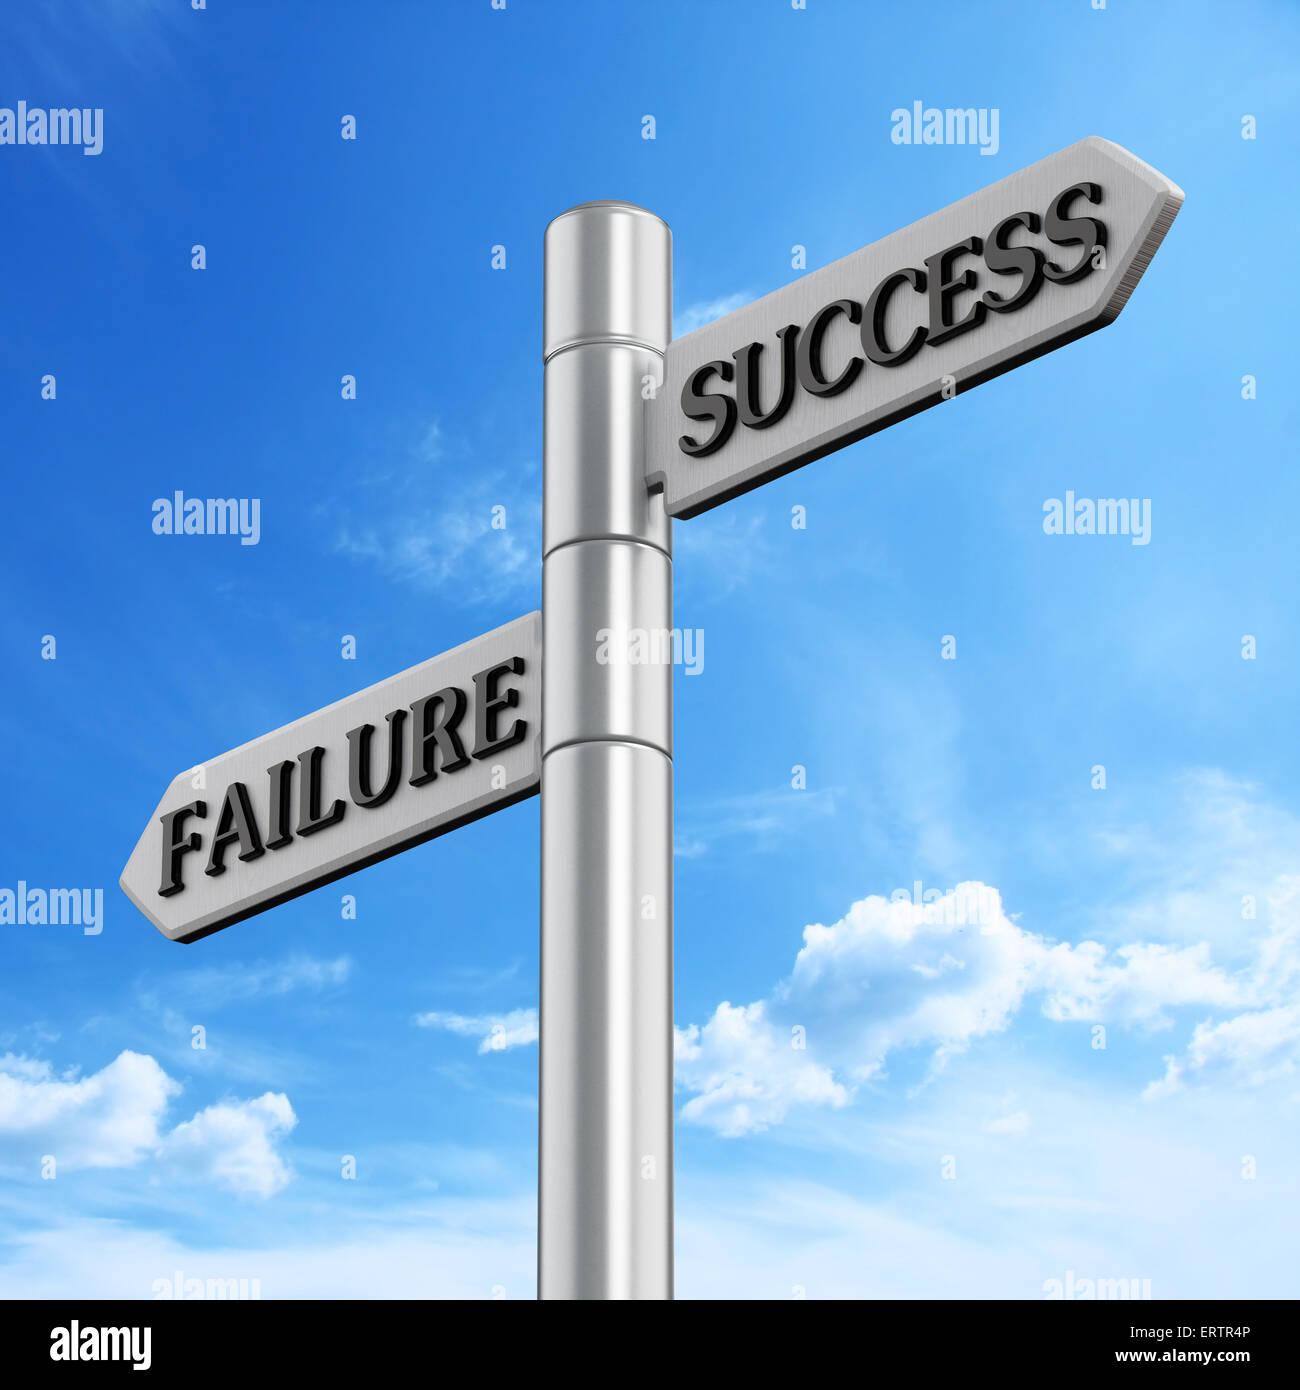 Erfolg und Misserfolg Verkehrszeichen gegen blauen Himmel Stockbild